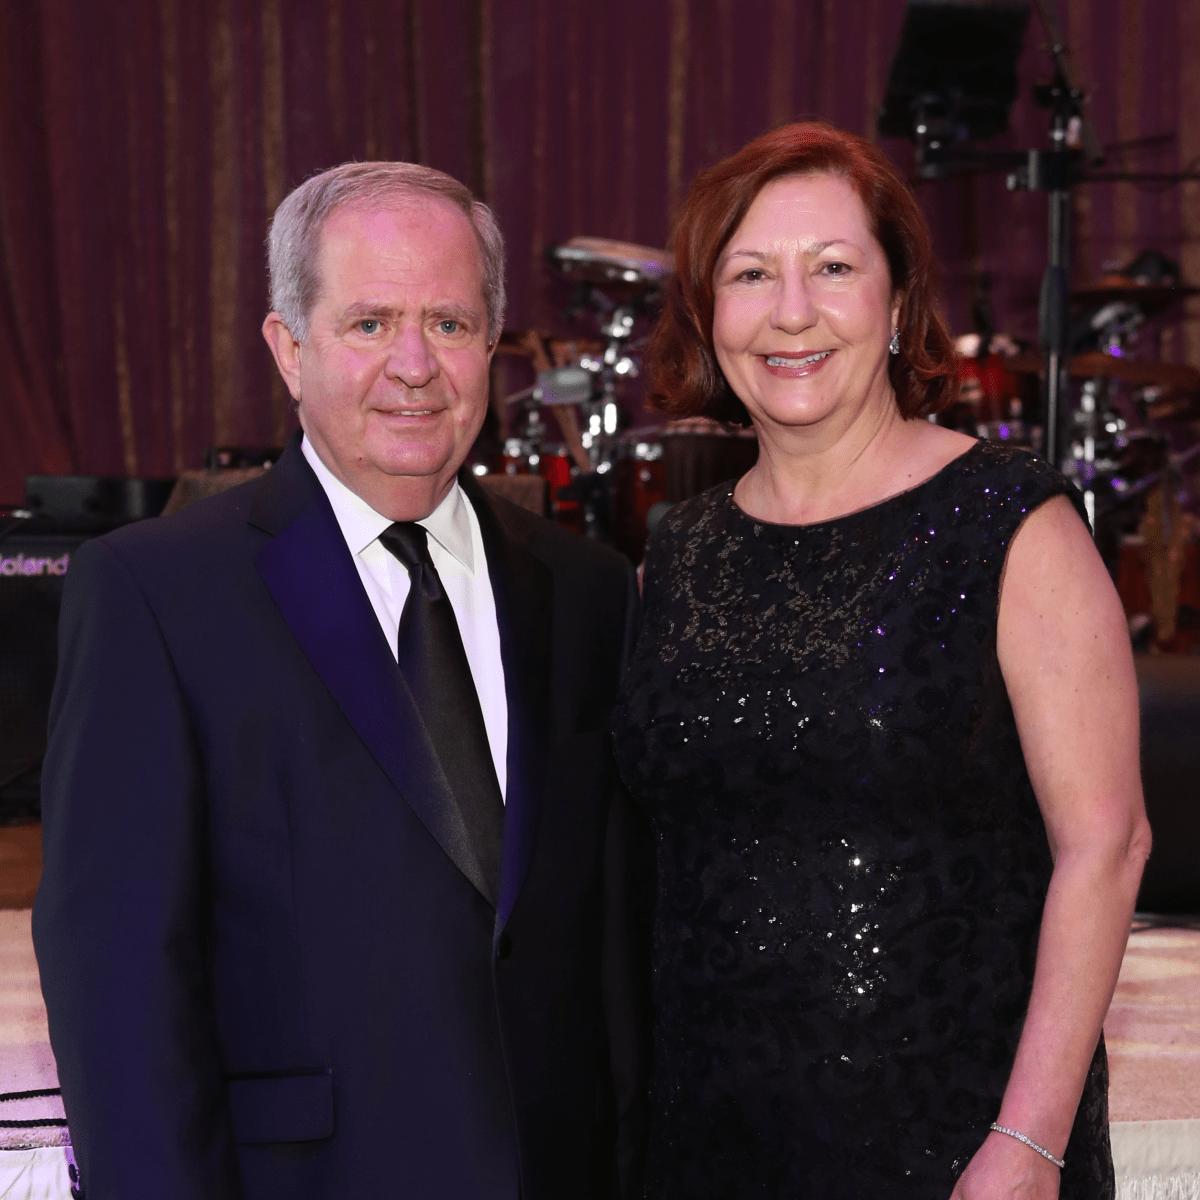 SPA gala, April 2016, Edward Mallett, Theresa Mallett